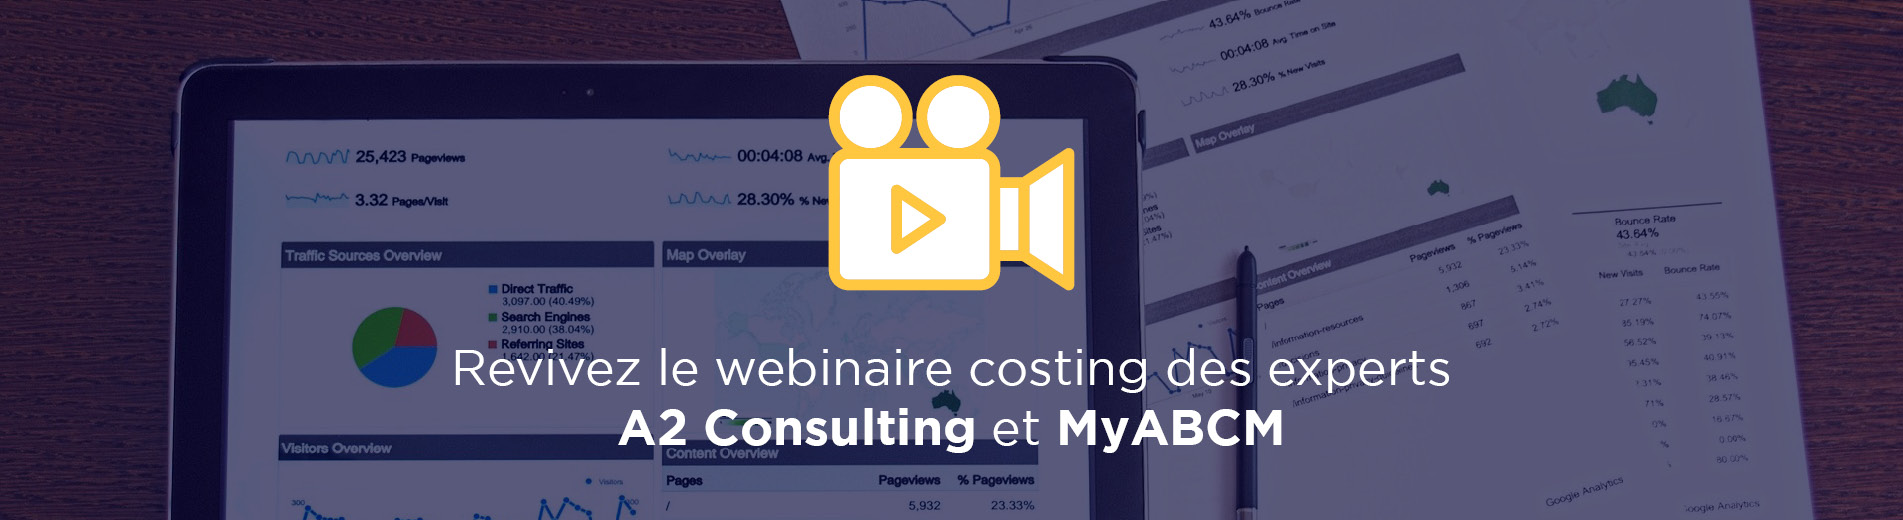 Revivez le webinaire costing des experts A2 Consulting et MyABCM